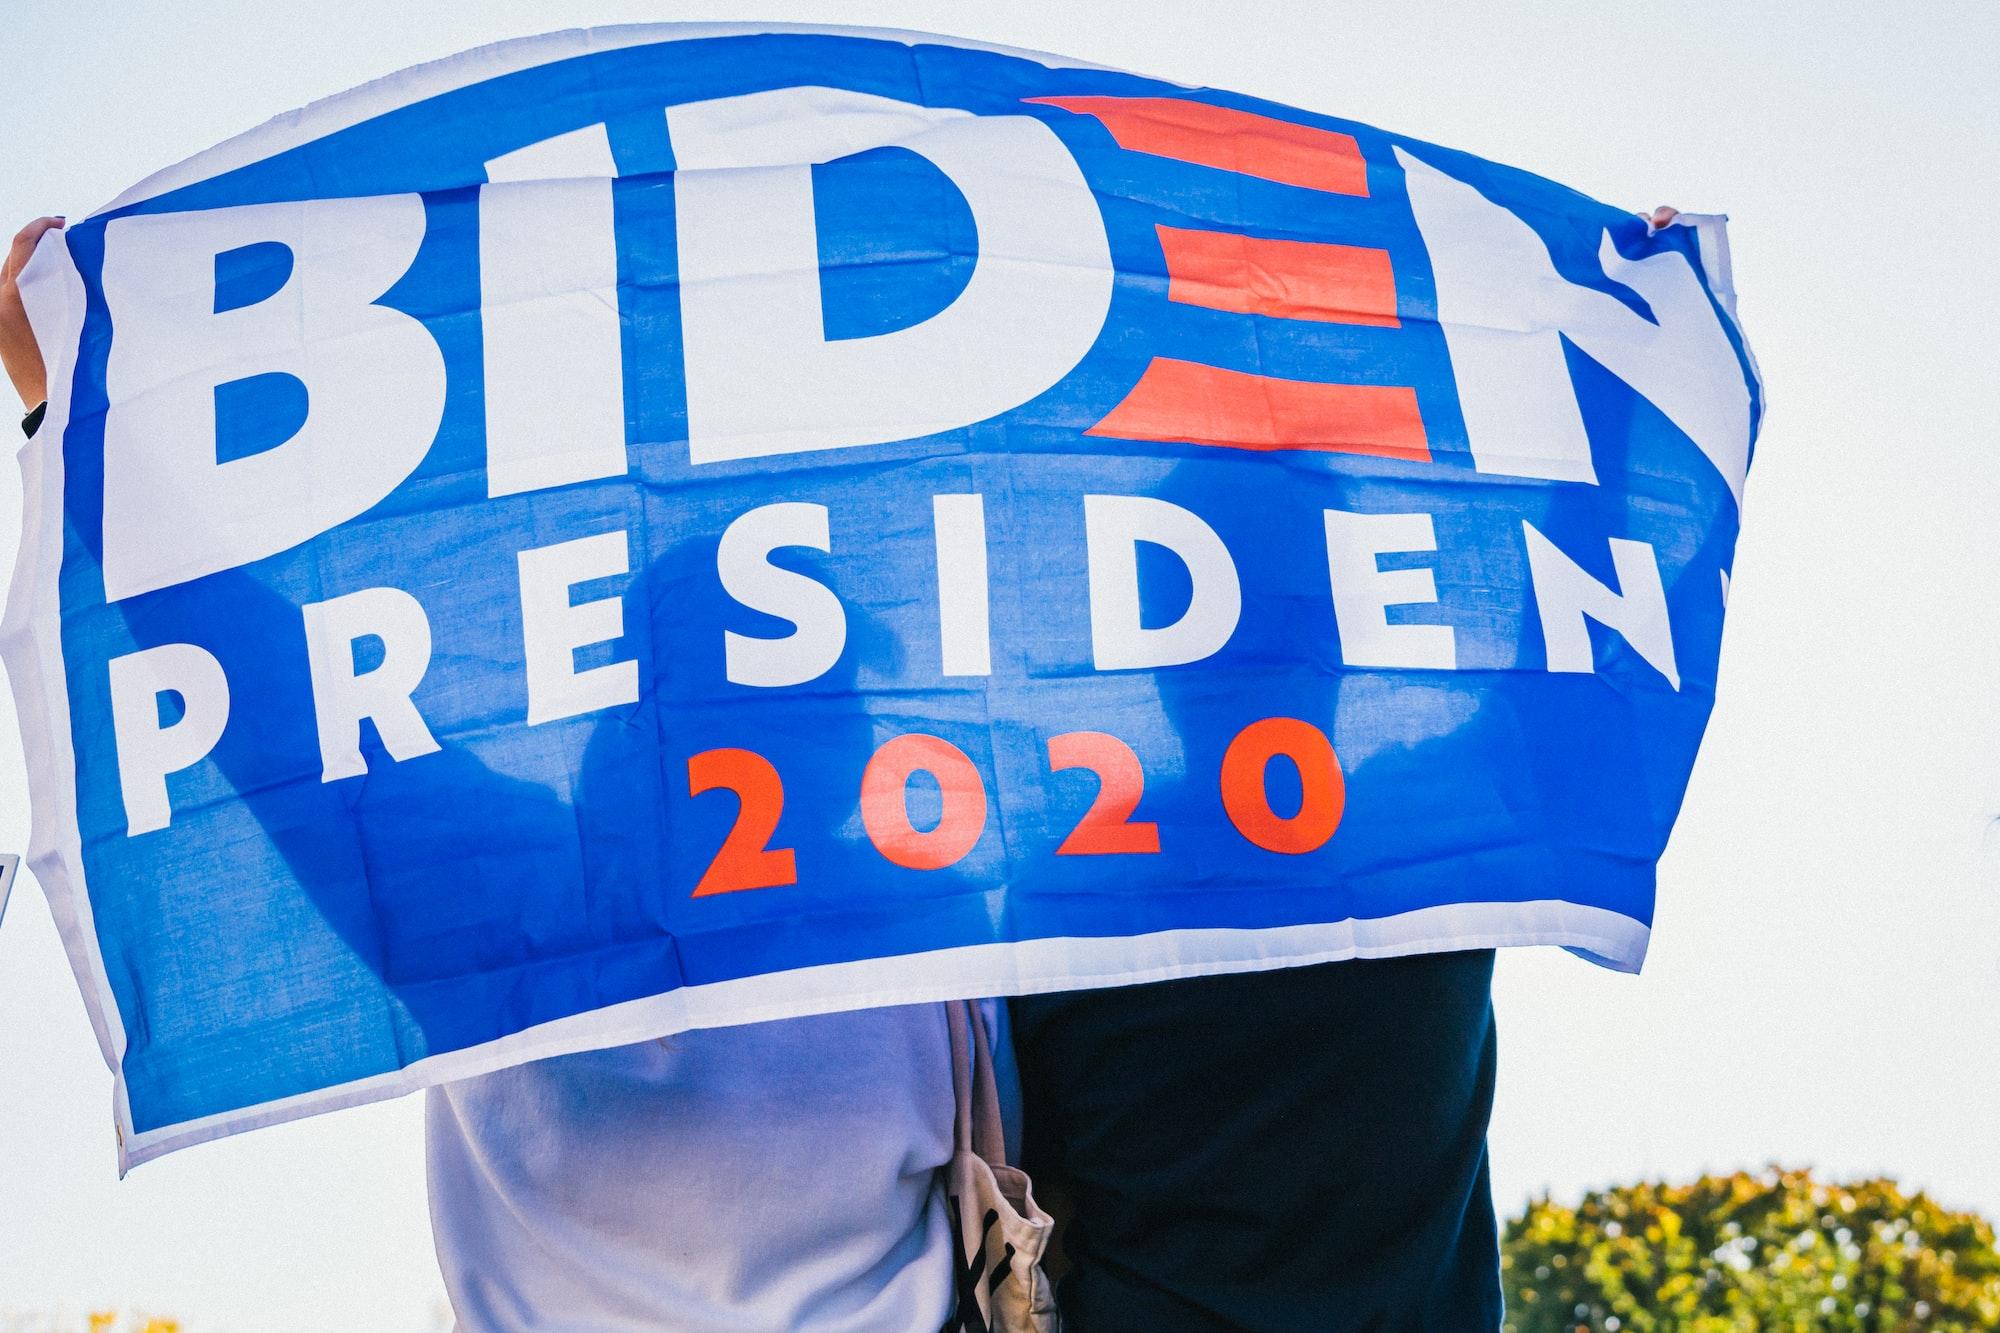 The Biden Presidency